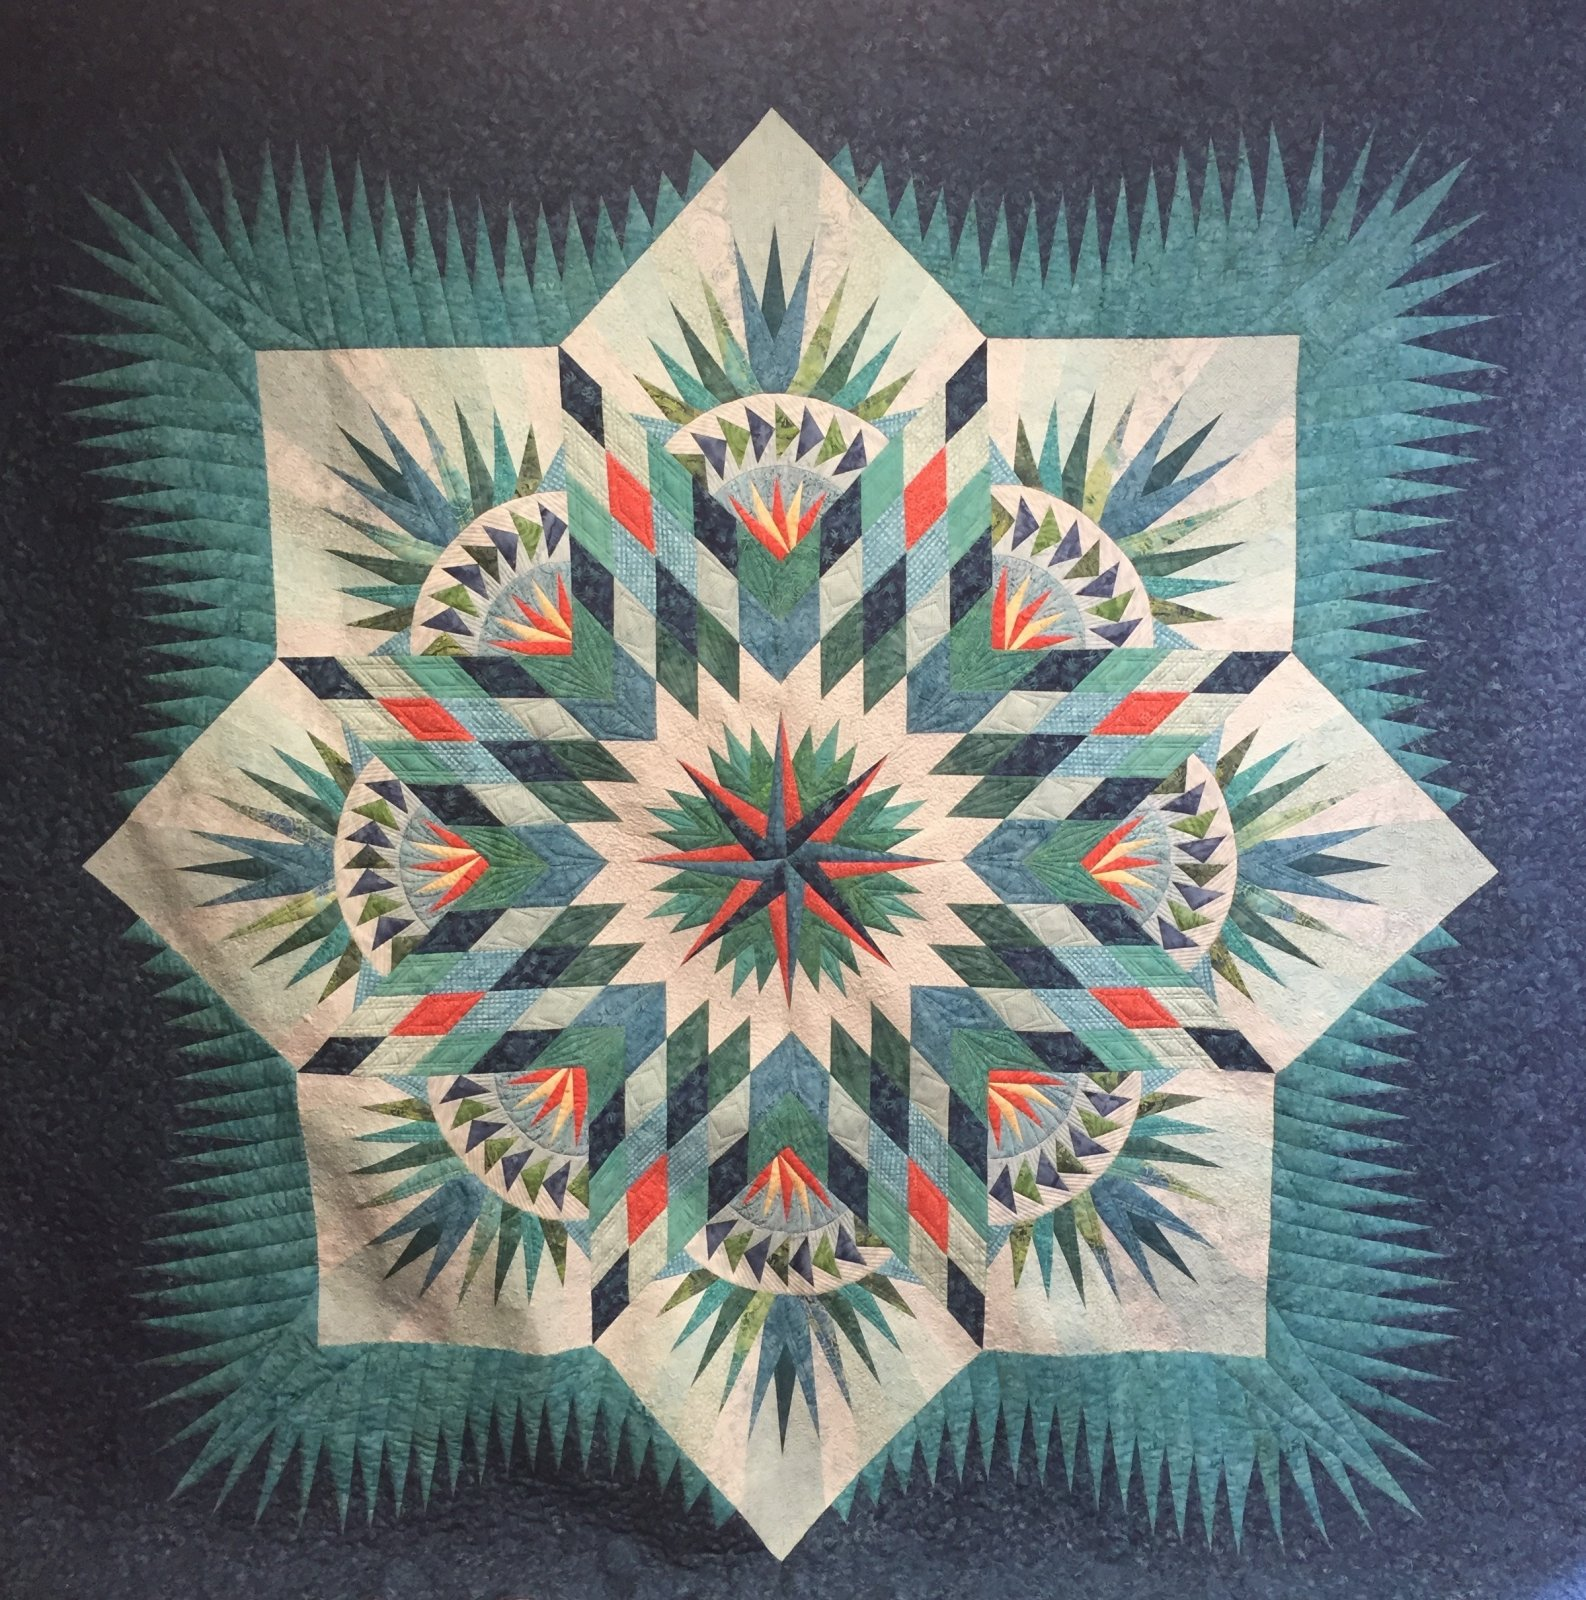 Quiltworx Prairie Star Quilt Kit (Includes Pattern)